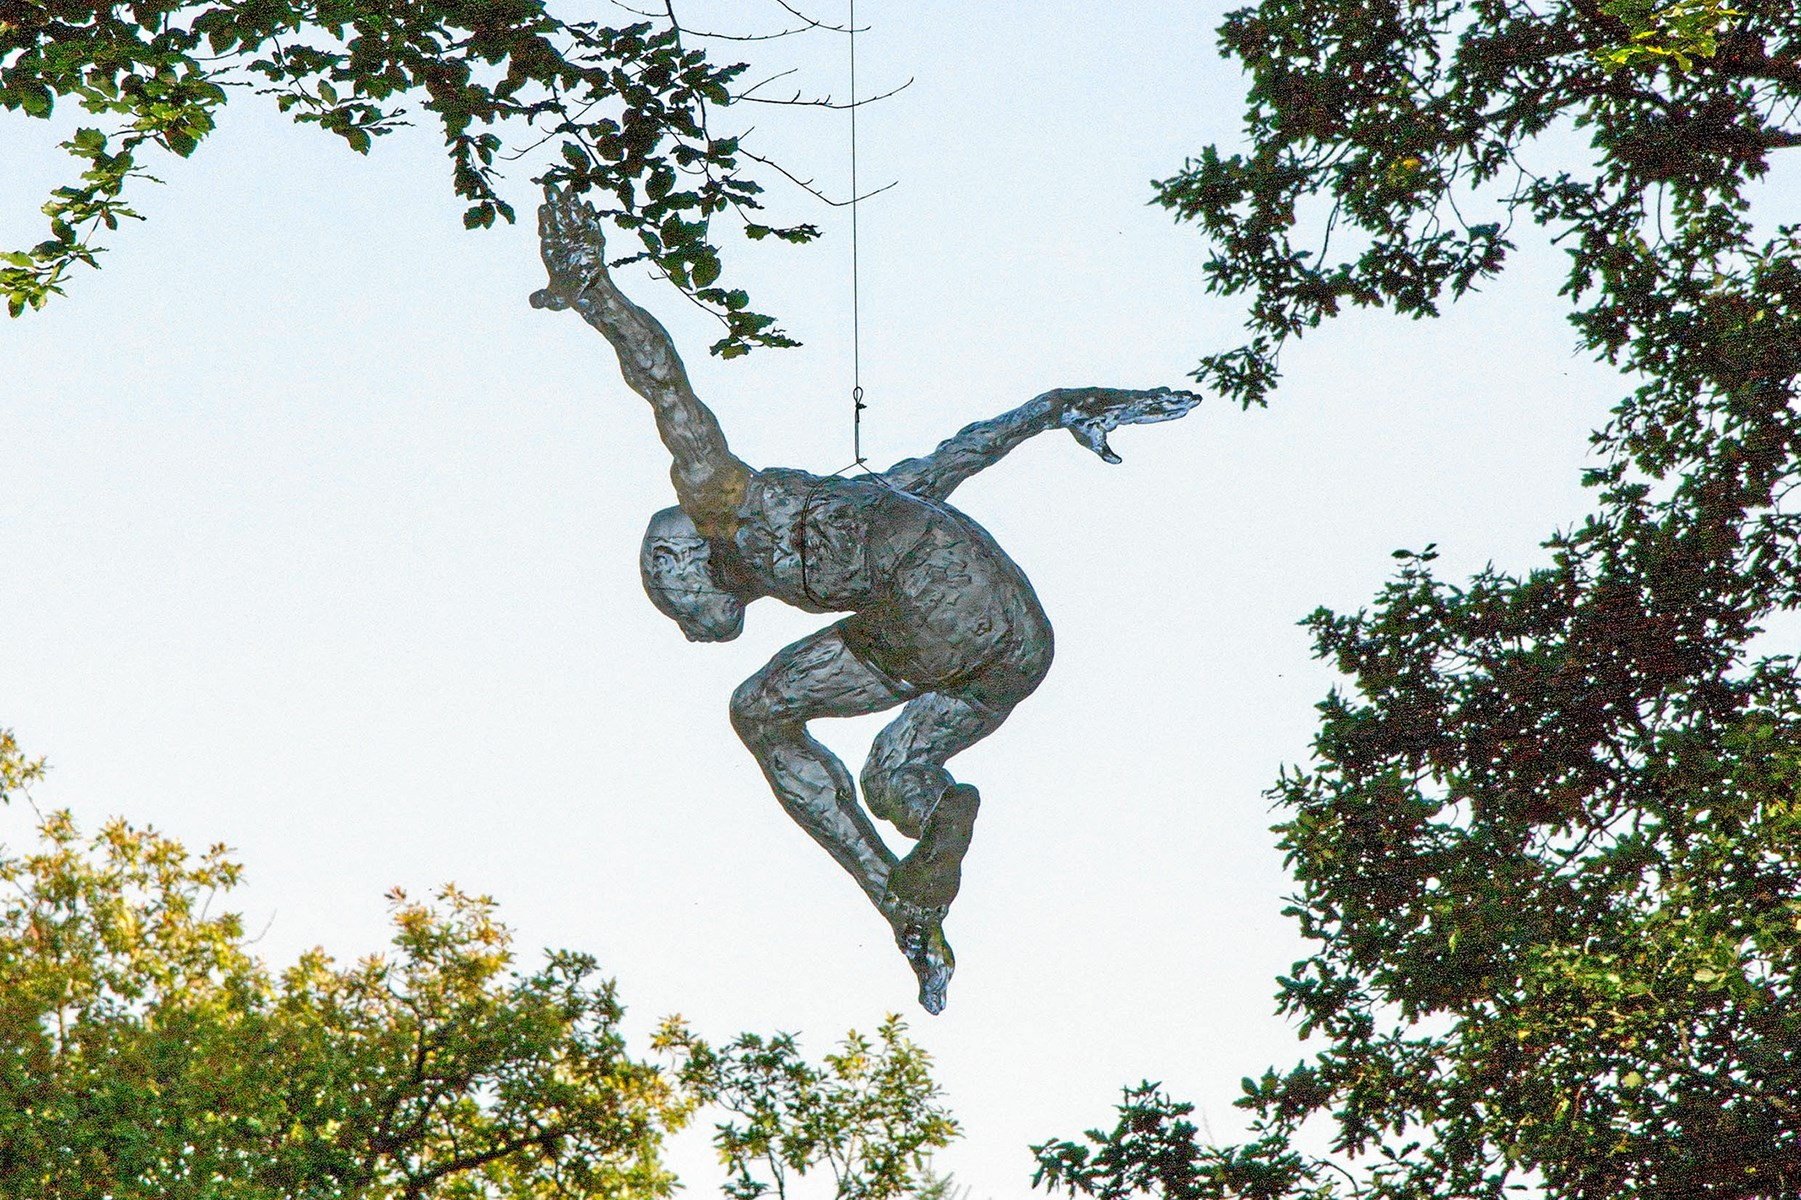 Udflytning af kultur: Mød de vildeste skulpturer i Dronninglunds natur